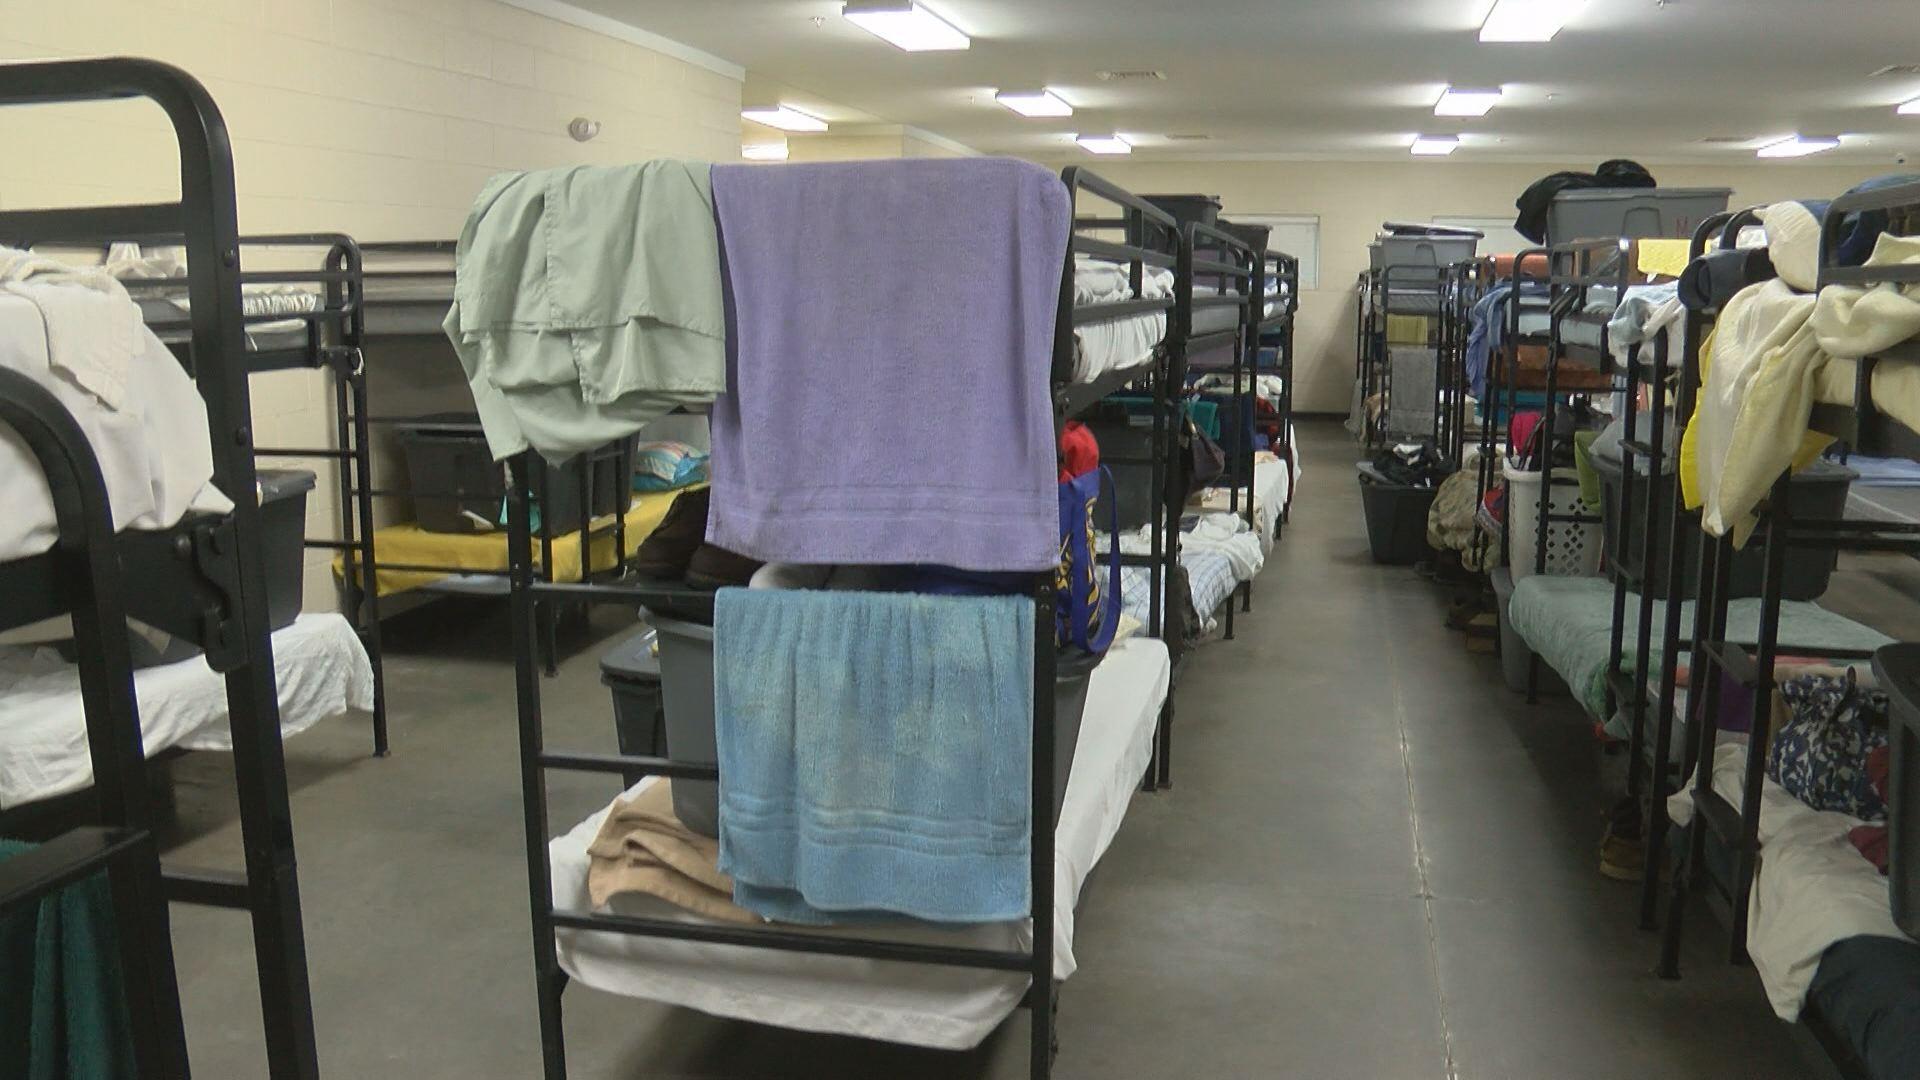 homeless shelter greenville_532602